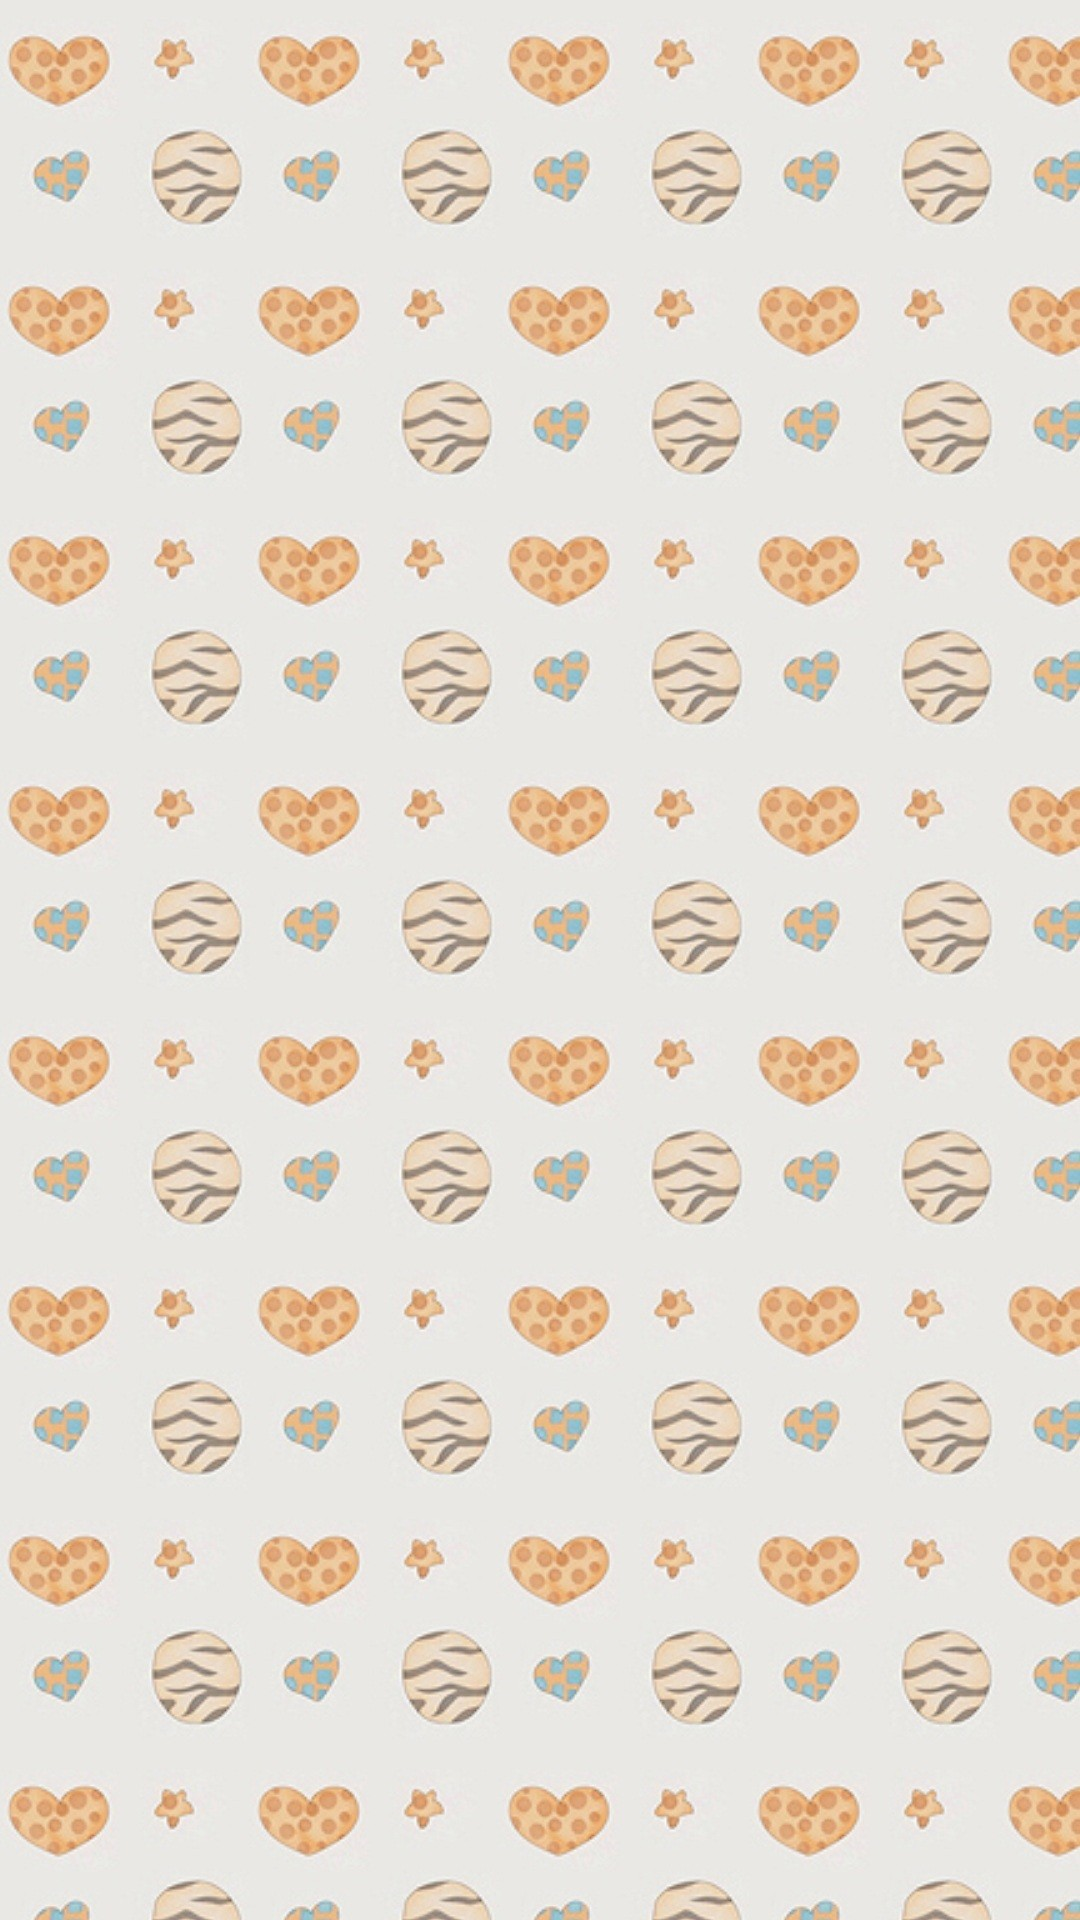 Download 440 Koleksi Background Iphone Tumblr Cute Gratis Terbaru